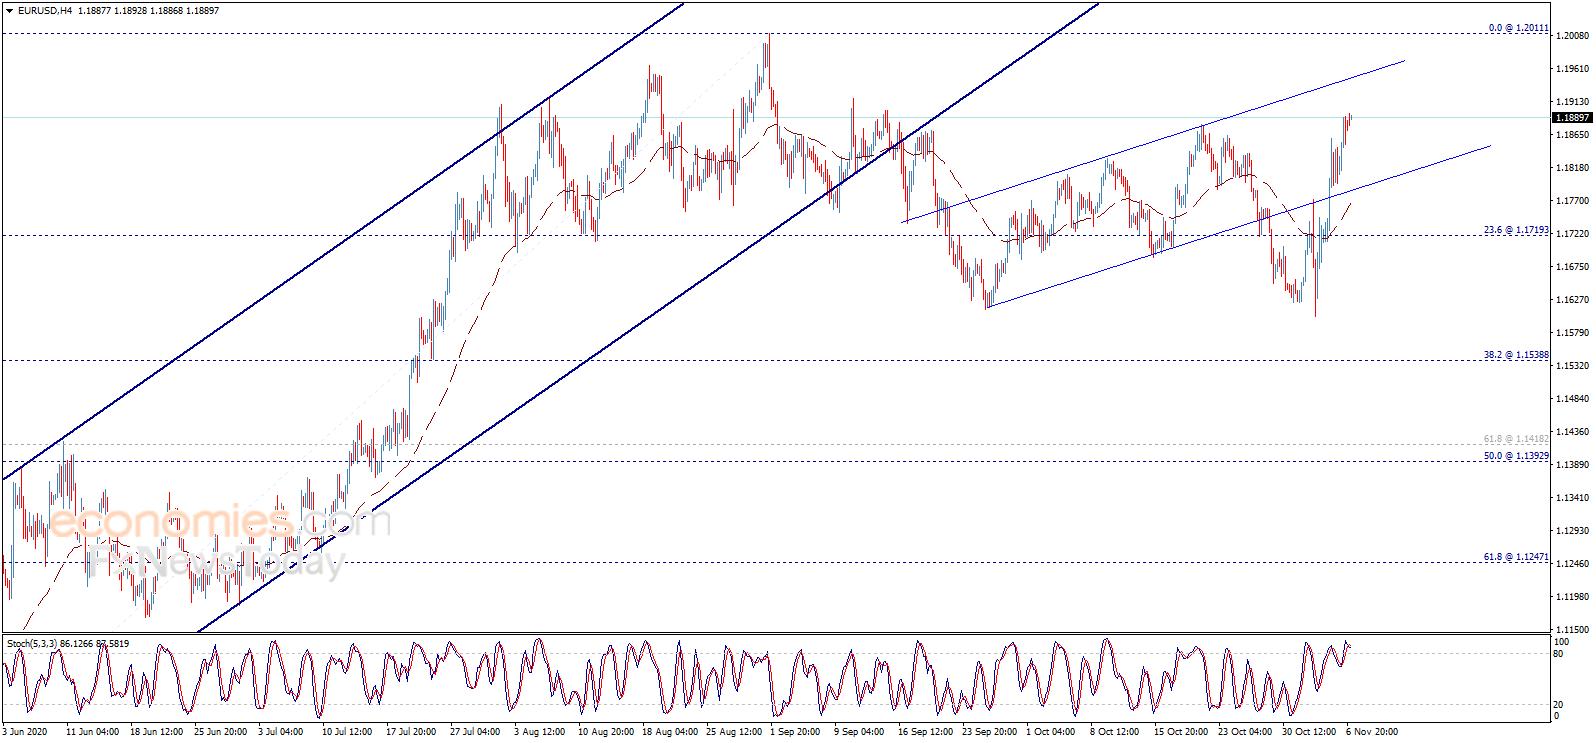 若攻克这一关键水平、金价恐进一步大涨 欧元分析